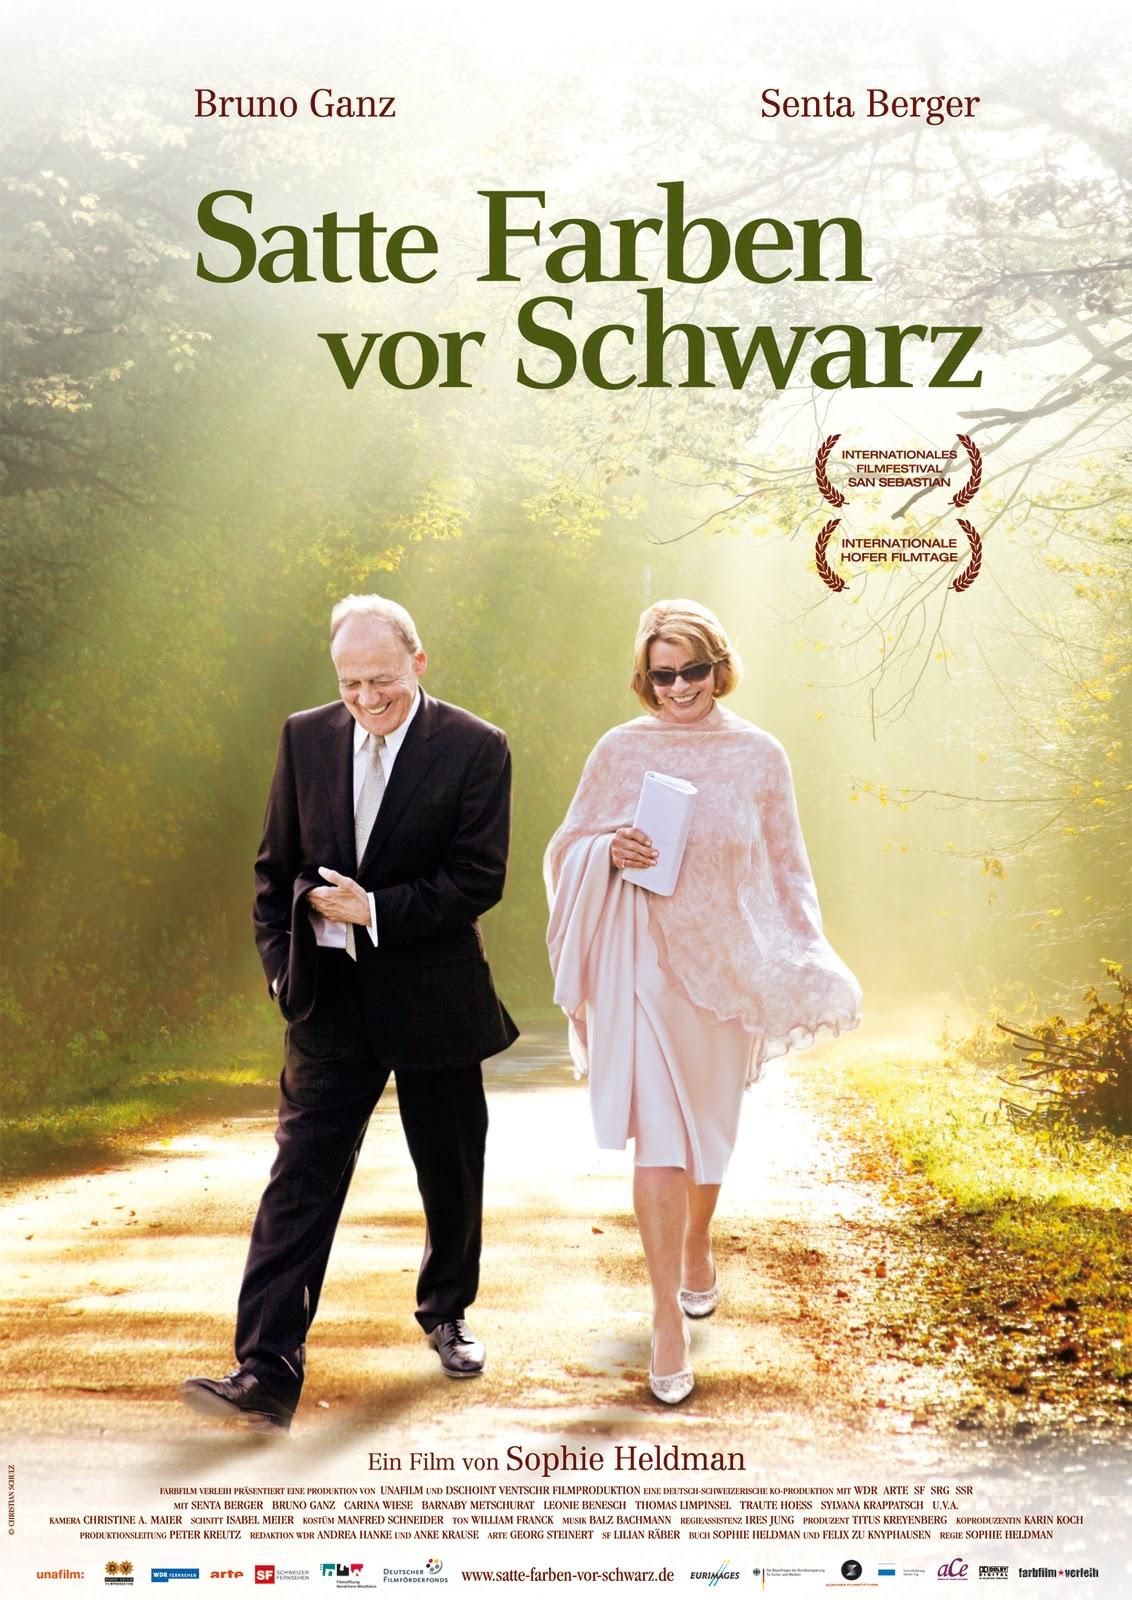 Satte Farben vor Schwarz movie